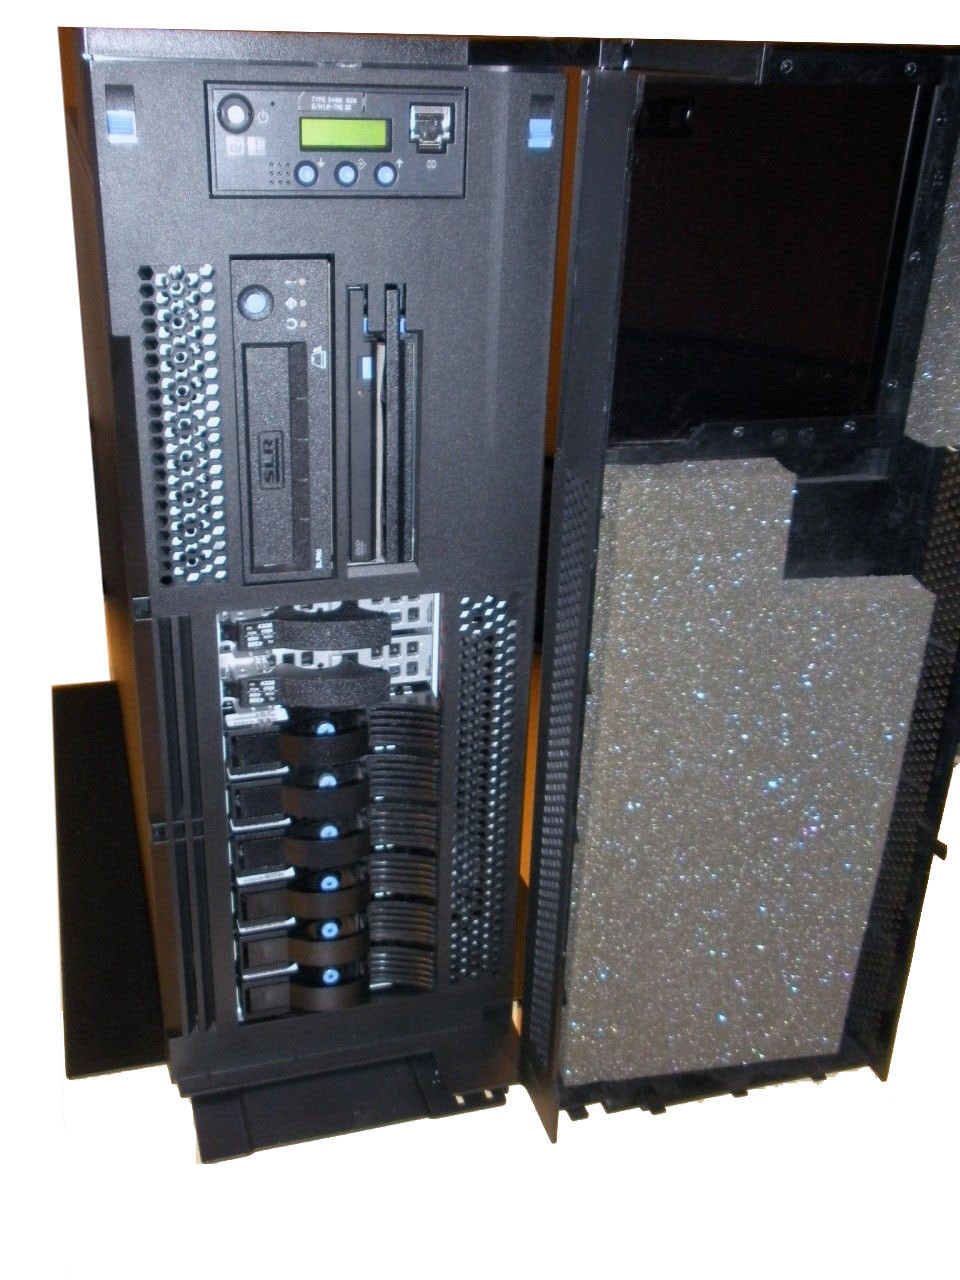 IBM AS/400 9406 Model 5XX Servers